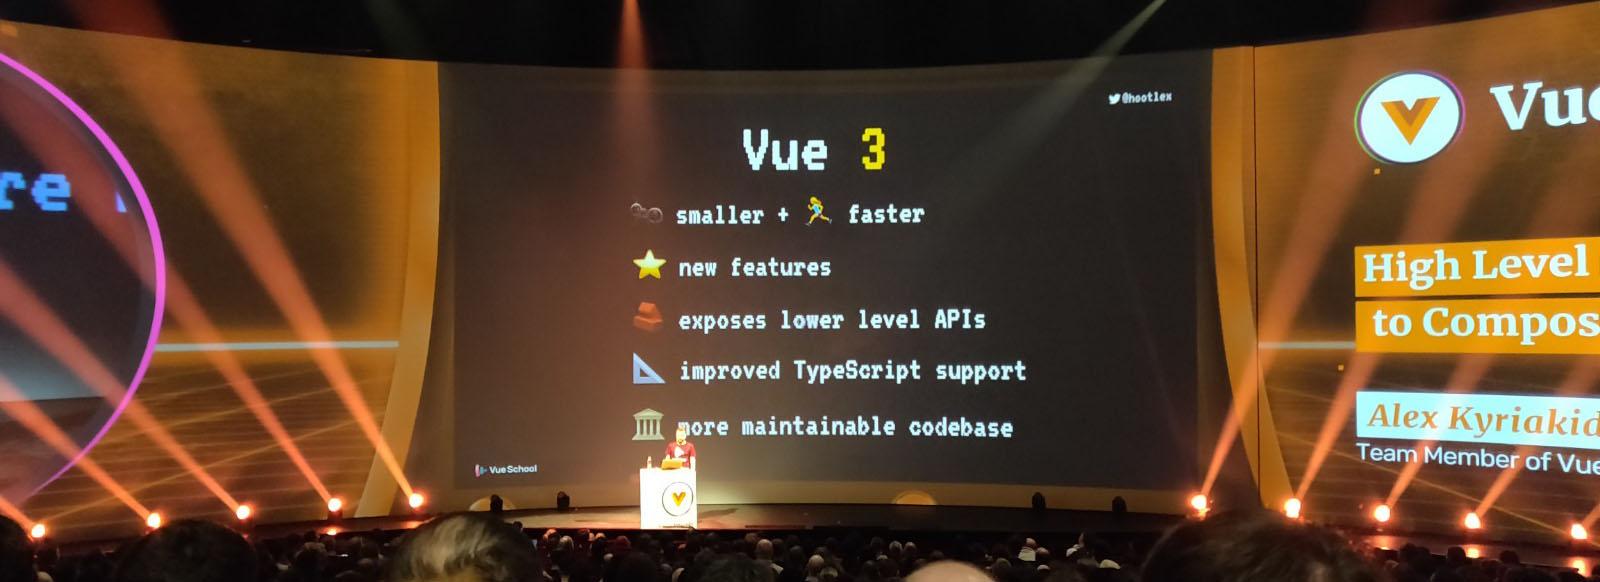 Les nouveautes de VueJs3